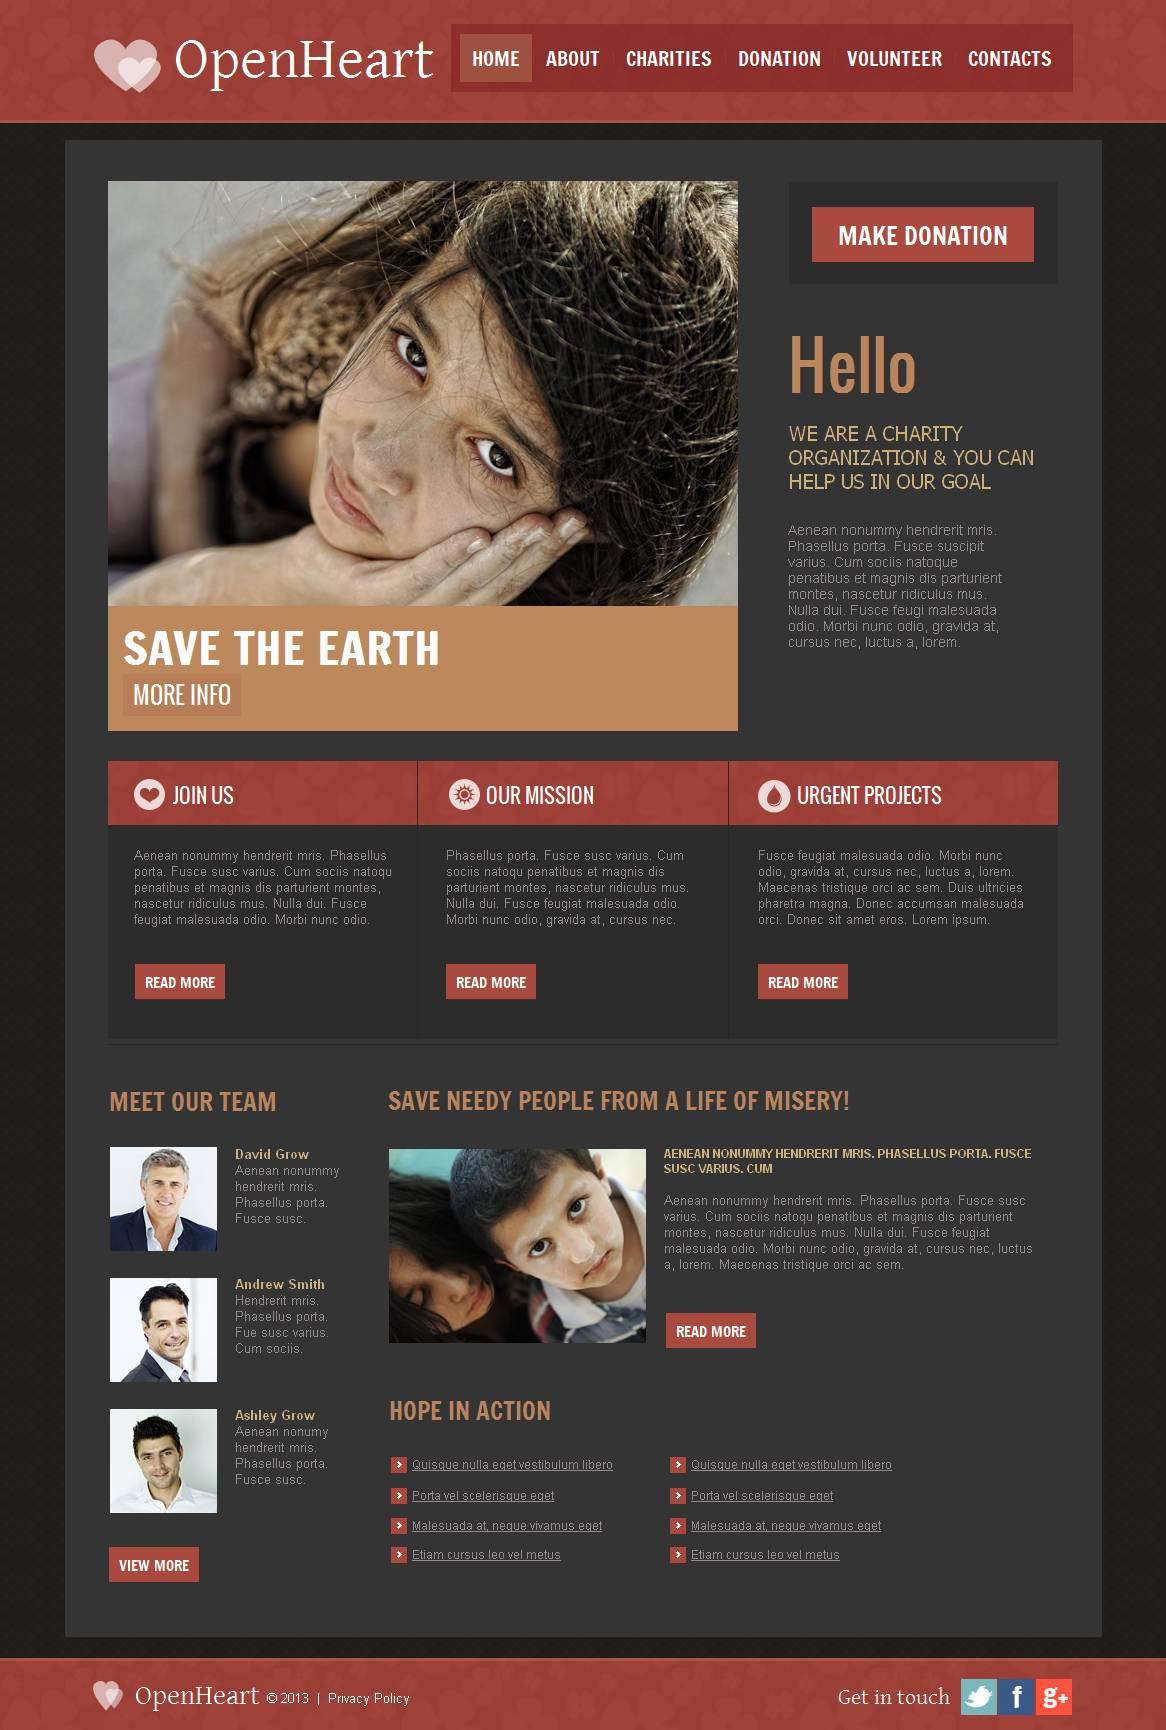 Modèle Moto CMS HTML Premium pour site d'association caritative #44455